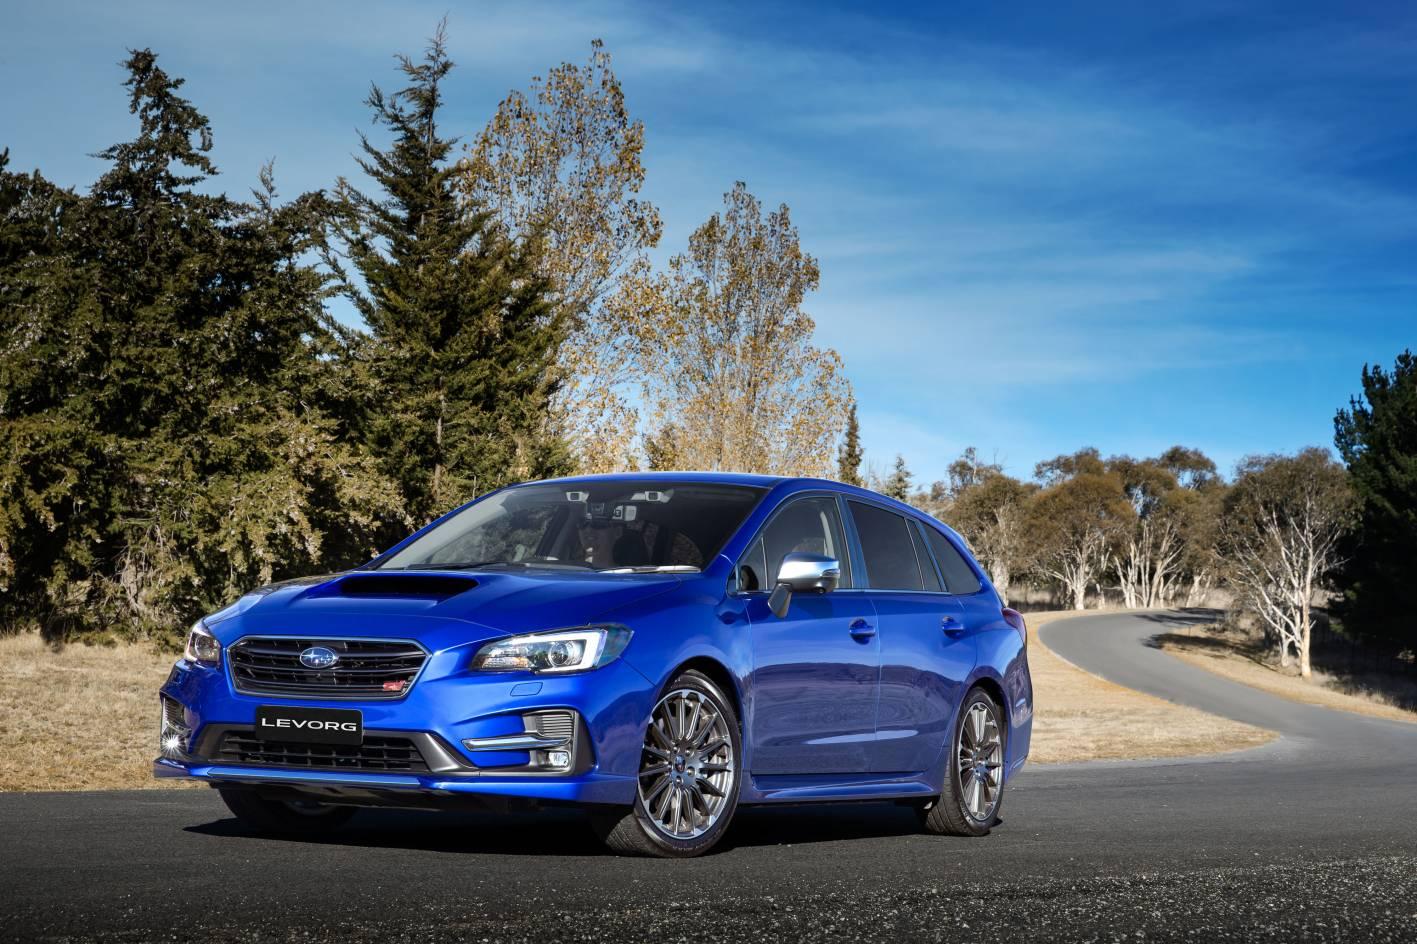 Levorg Review 2018 >> Subaru Levorg 1.6L Turbo added as new range-opener - ForceGT.com